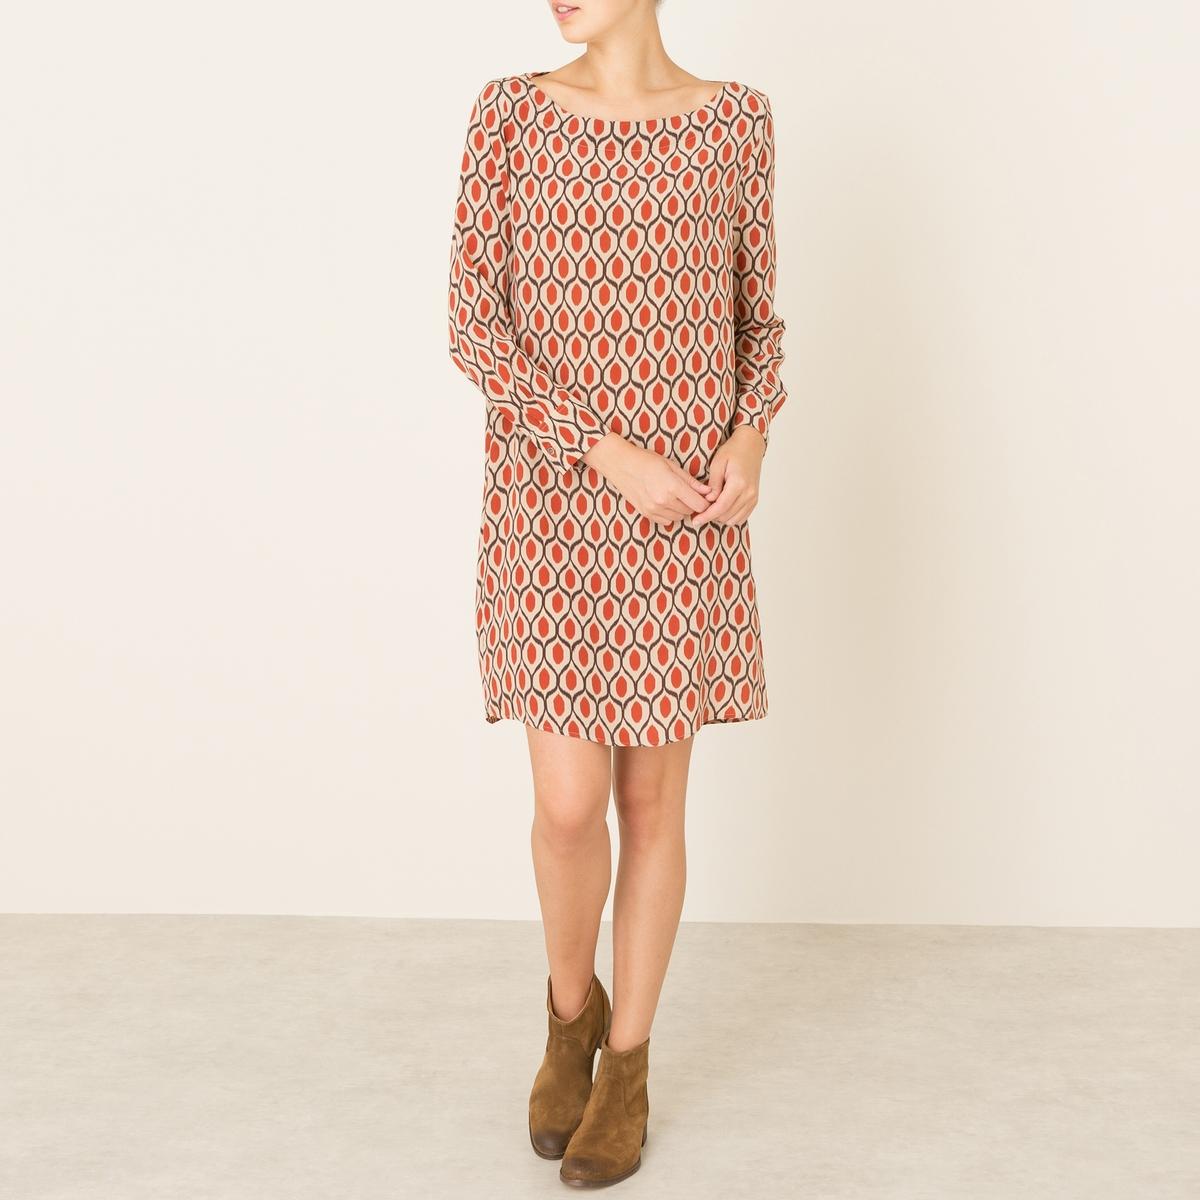 Платье MARTOПлатье DIEGA - модель MARTO. Платье-футляр со сплошным рисунком. Вырез-лодочка. Рукава с отворотами. Состав и описание Материал : 100% шелкМарка : DIEGA<br><br>Цвет: бежевый/ оранжевый